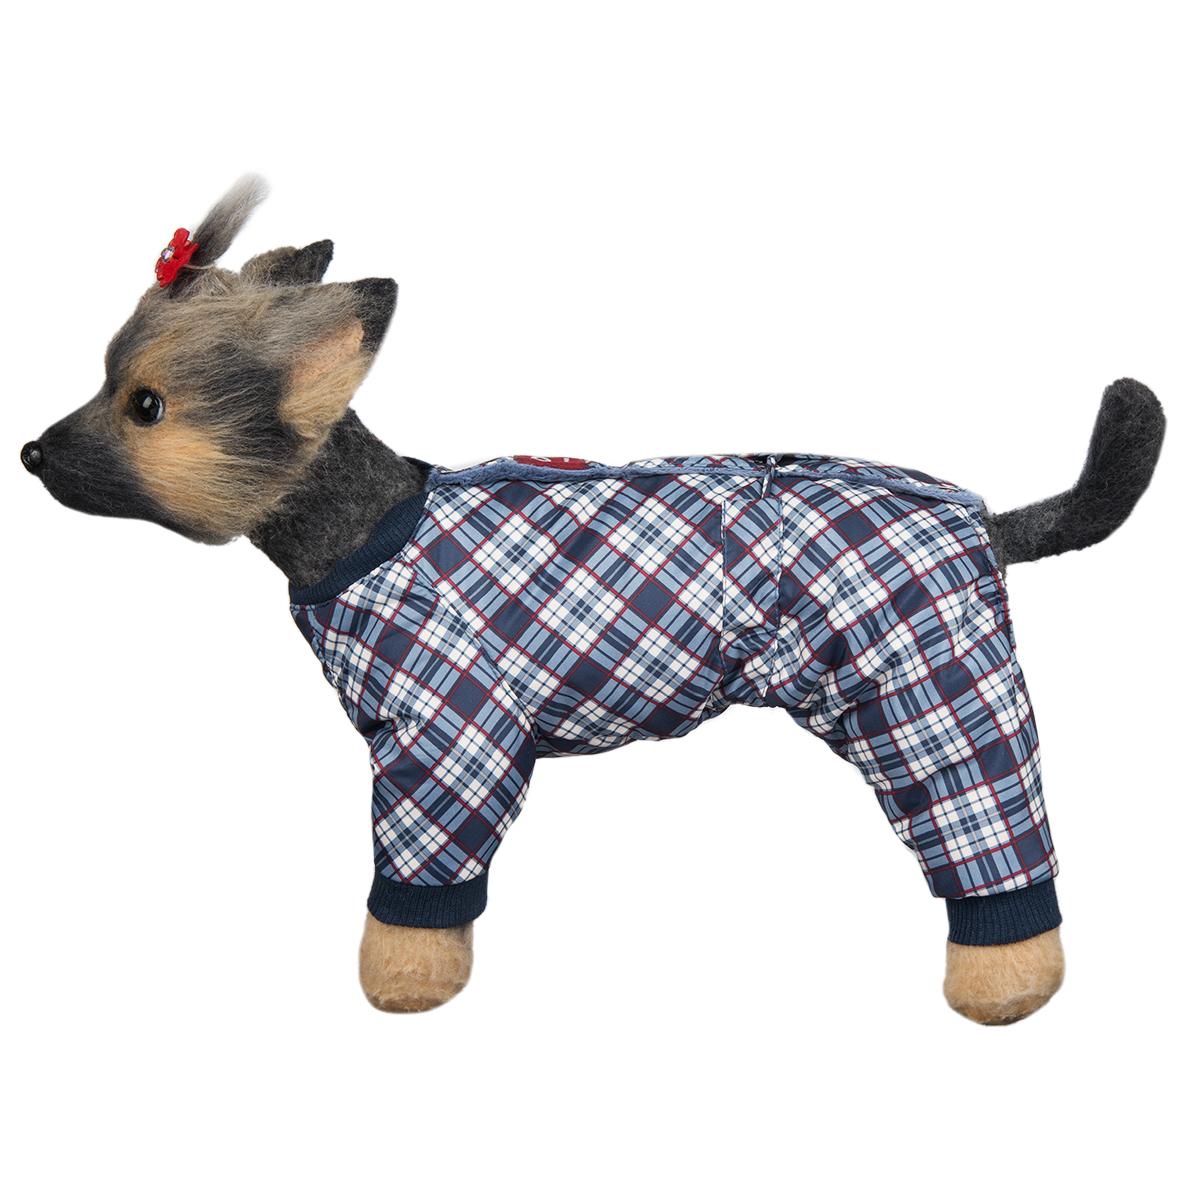 Комбинезон для собак Dogmoda Нью-Йорк, зимний, для мальчика, цвет: белый, темно-синий. Размер 3 (L)DM-160293-3Комбинезон для собак Dogmoda Нью-Йорк, оформленный ярким рисунком, отлично подойдет для прогулок в зимнее время года. Комбинезон изготовлен из водоотталкивающего полиэстера, защищающего от ветра и снега, с утеплителем из синтепона, который сохранит тепло даже в сильные морозы, а в качестве подкладки используется искусственный мех, который обеспечивает отличный воздухообмен. Комбинезон застегивается на кнопки на спинке, благодаря чему его легко надевать и снимать. Ворот, низ рукавов и брючин оснащены широкими трикотажными манжетами, которые мягко обхватывают шею и лапки, не позволяя просачиваться холодному воздуху. На пояснице комбинезон затягивается на шнурок-кулиску. Благодаря такому комбинезону простуда не грозит вашему питомцу, и он сможет испытать не сравнимое удовольствие от снежных игр и забав.